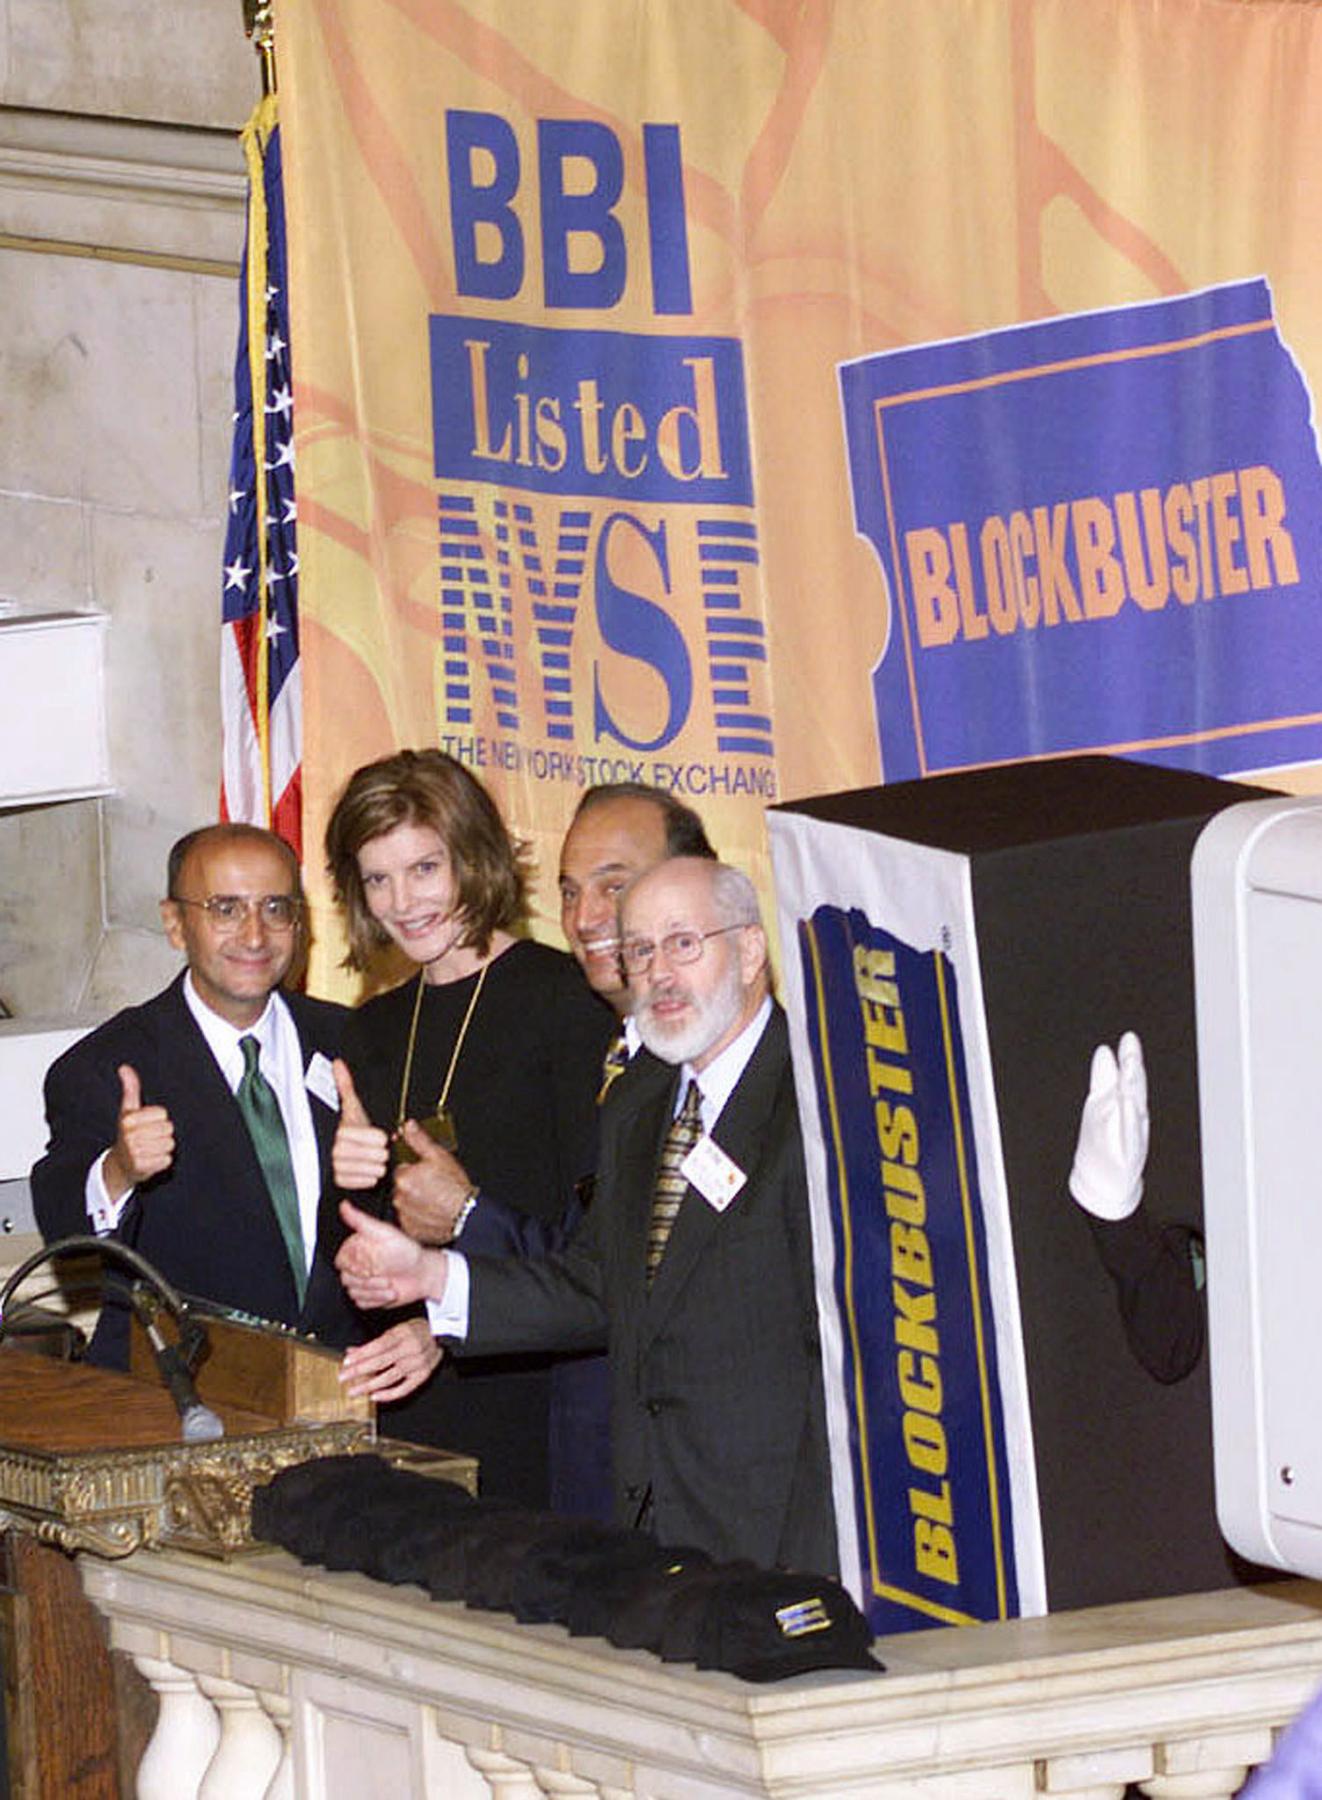 Blockbuster NYSE public